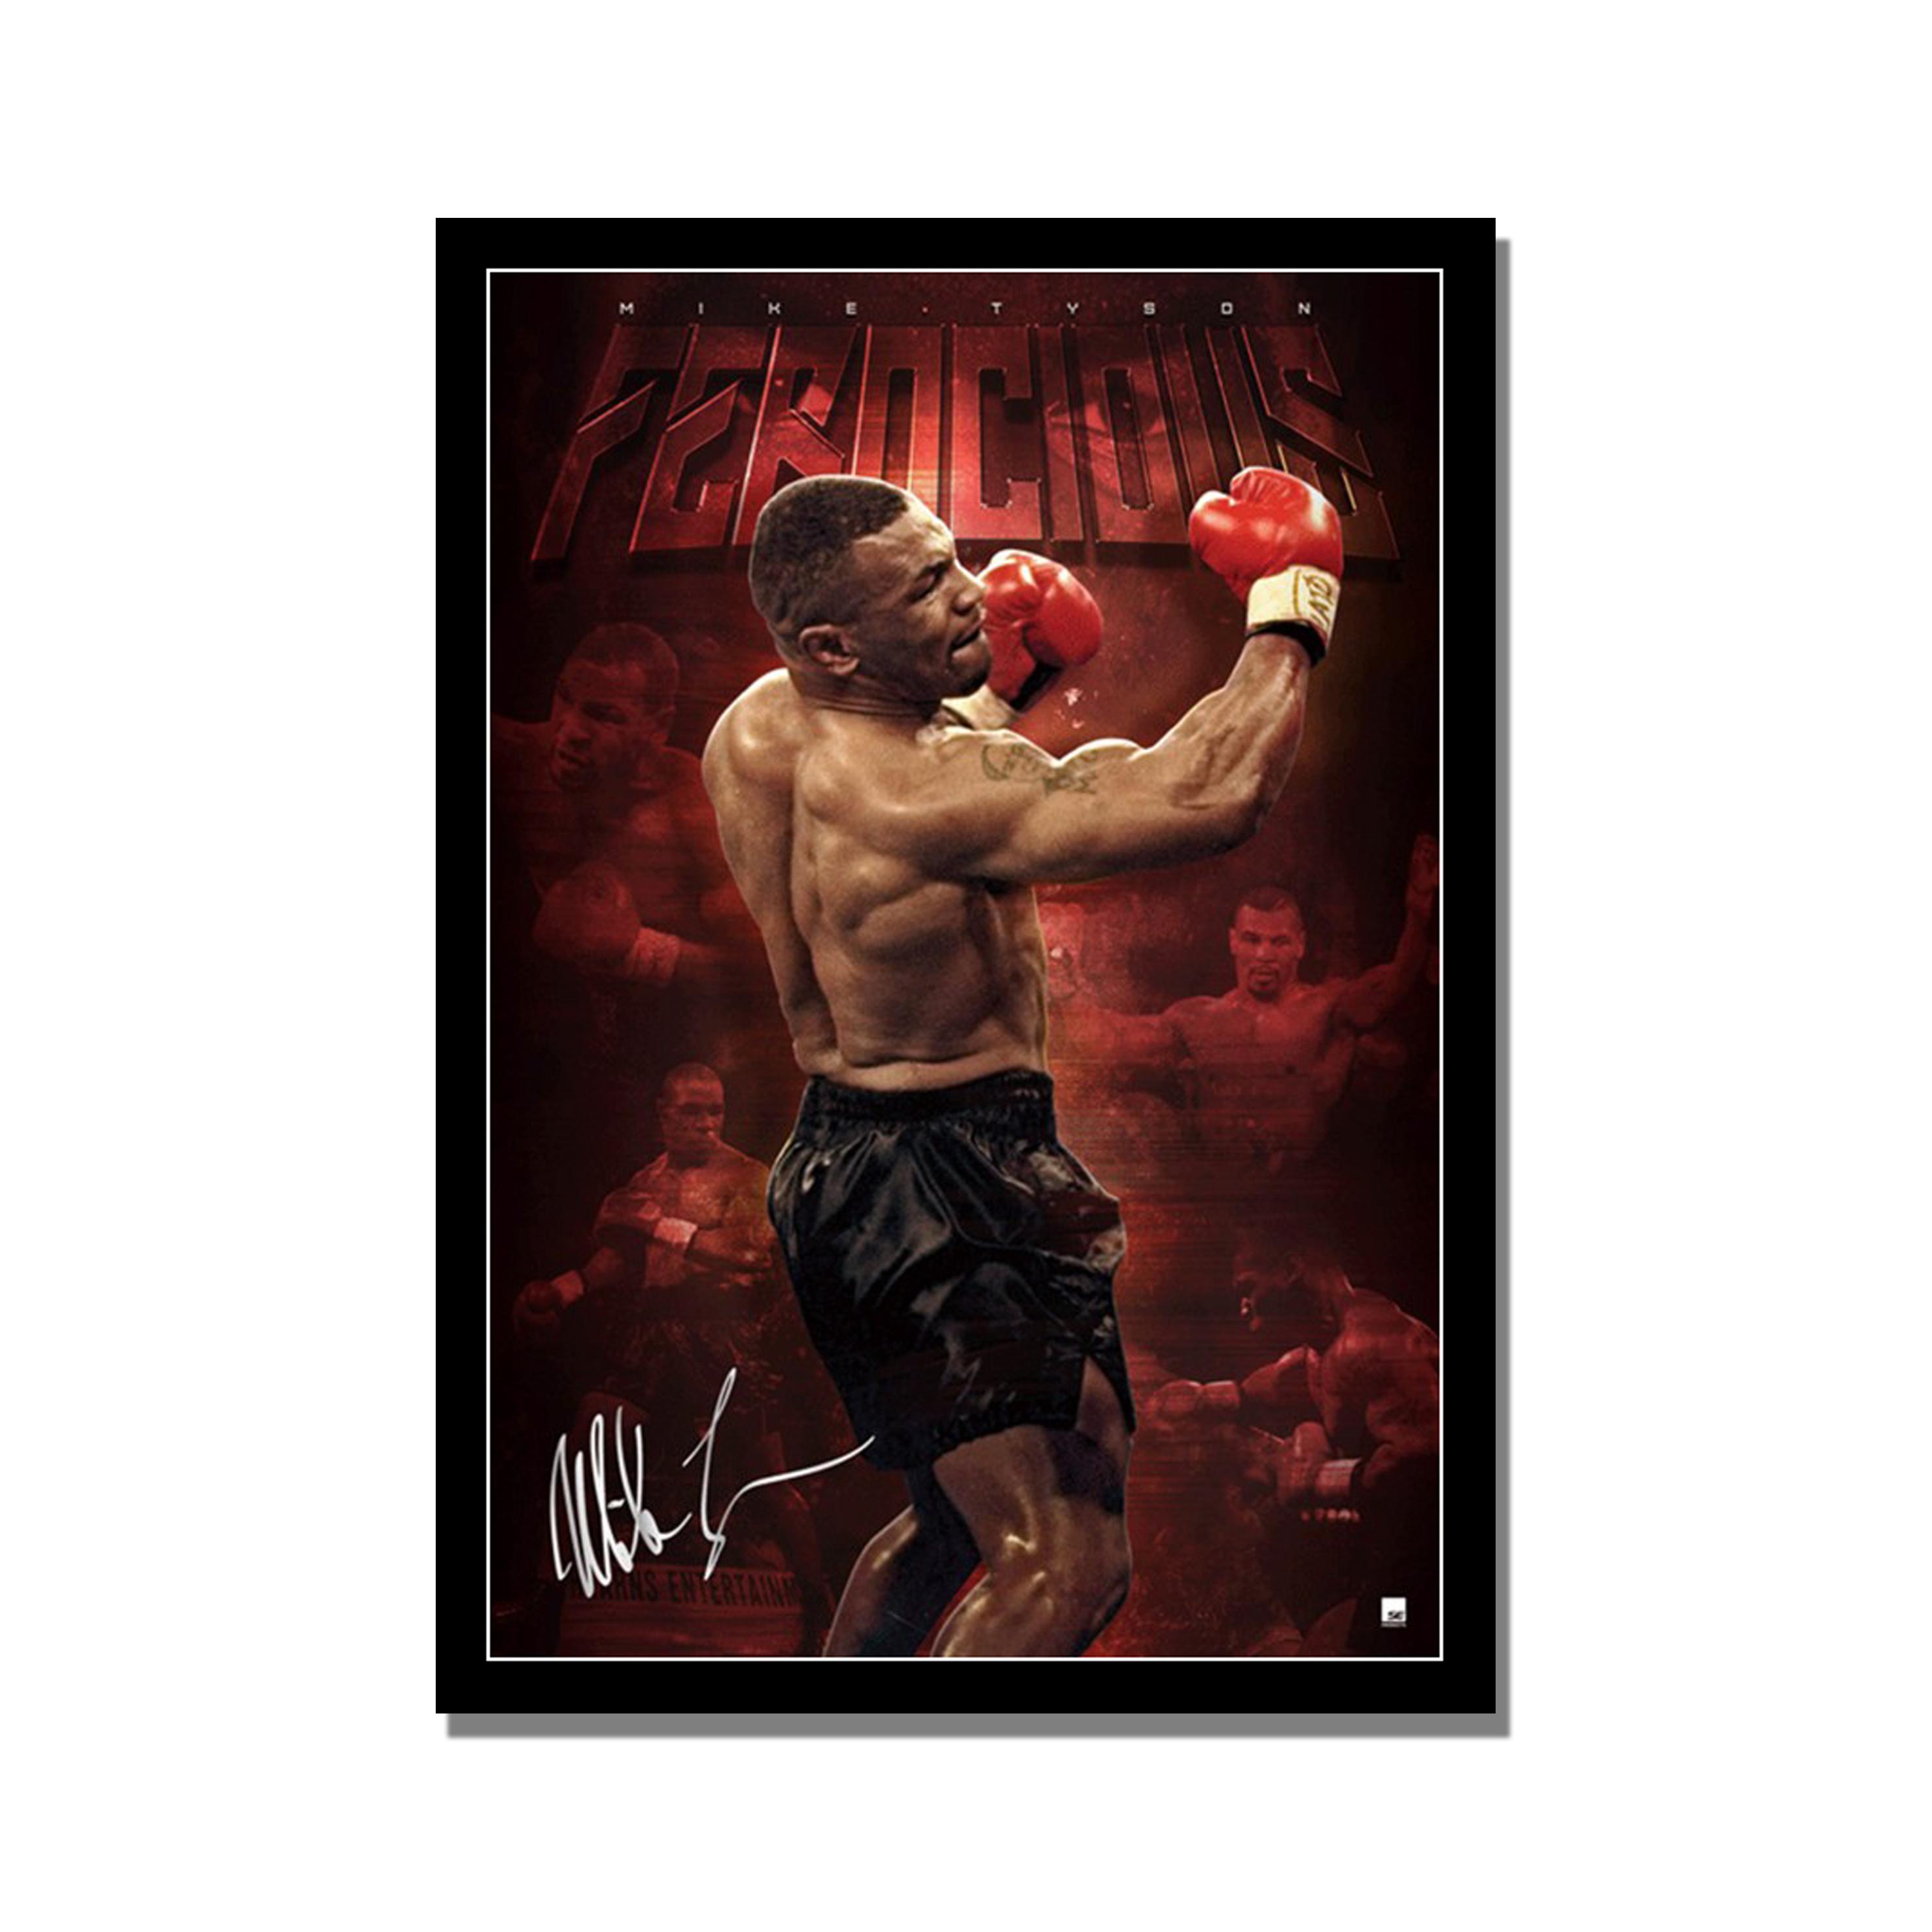 Custom framed poster of Mike Tyson